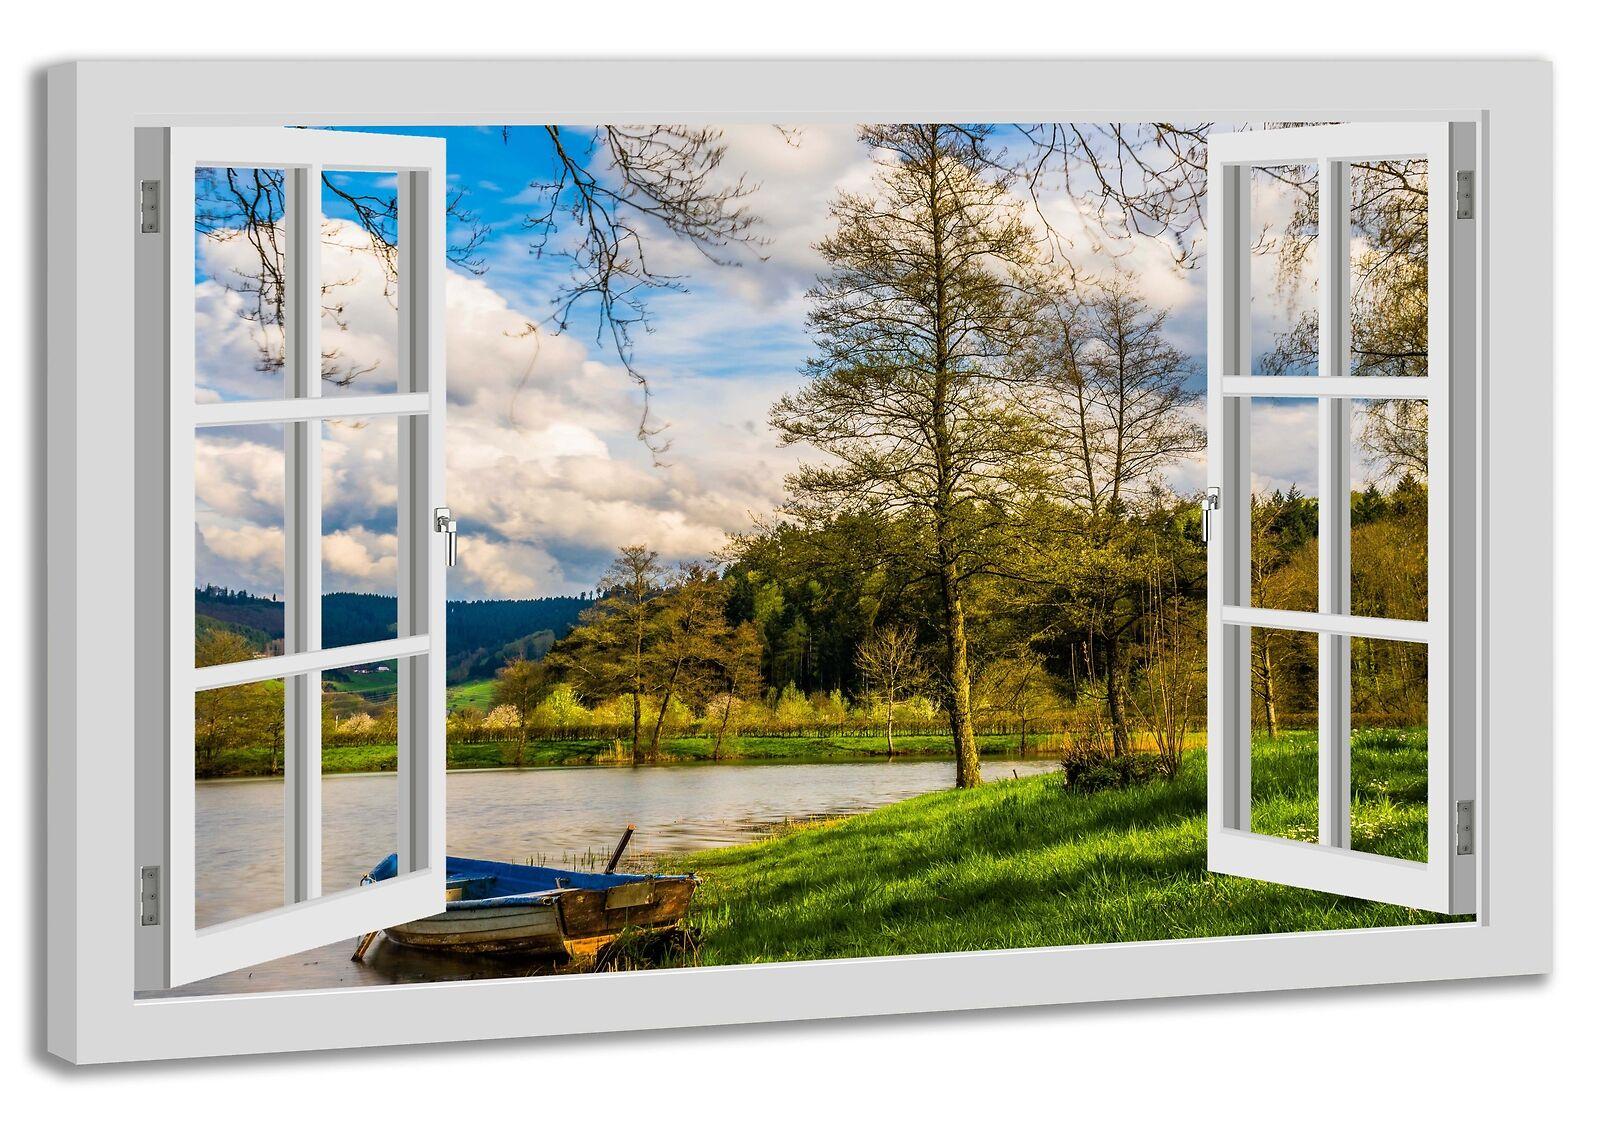 Leinwandbild Wandbild Fensterblick See Stiefel Wasser Bäume  Landschaft